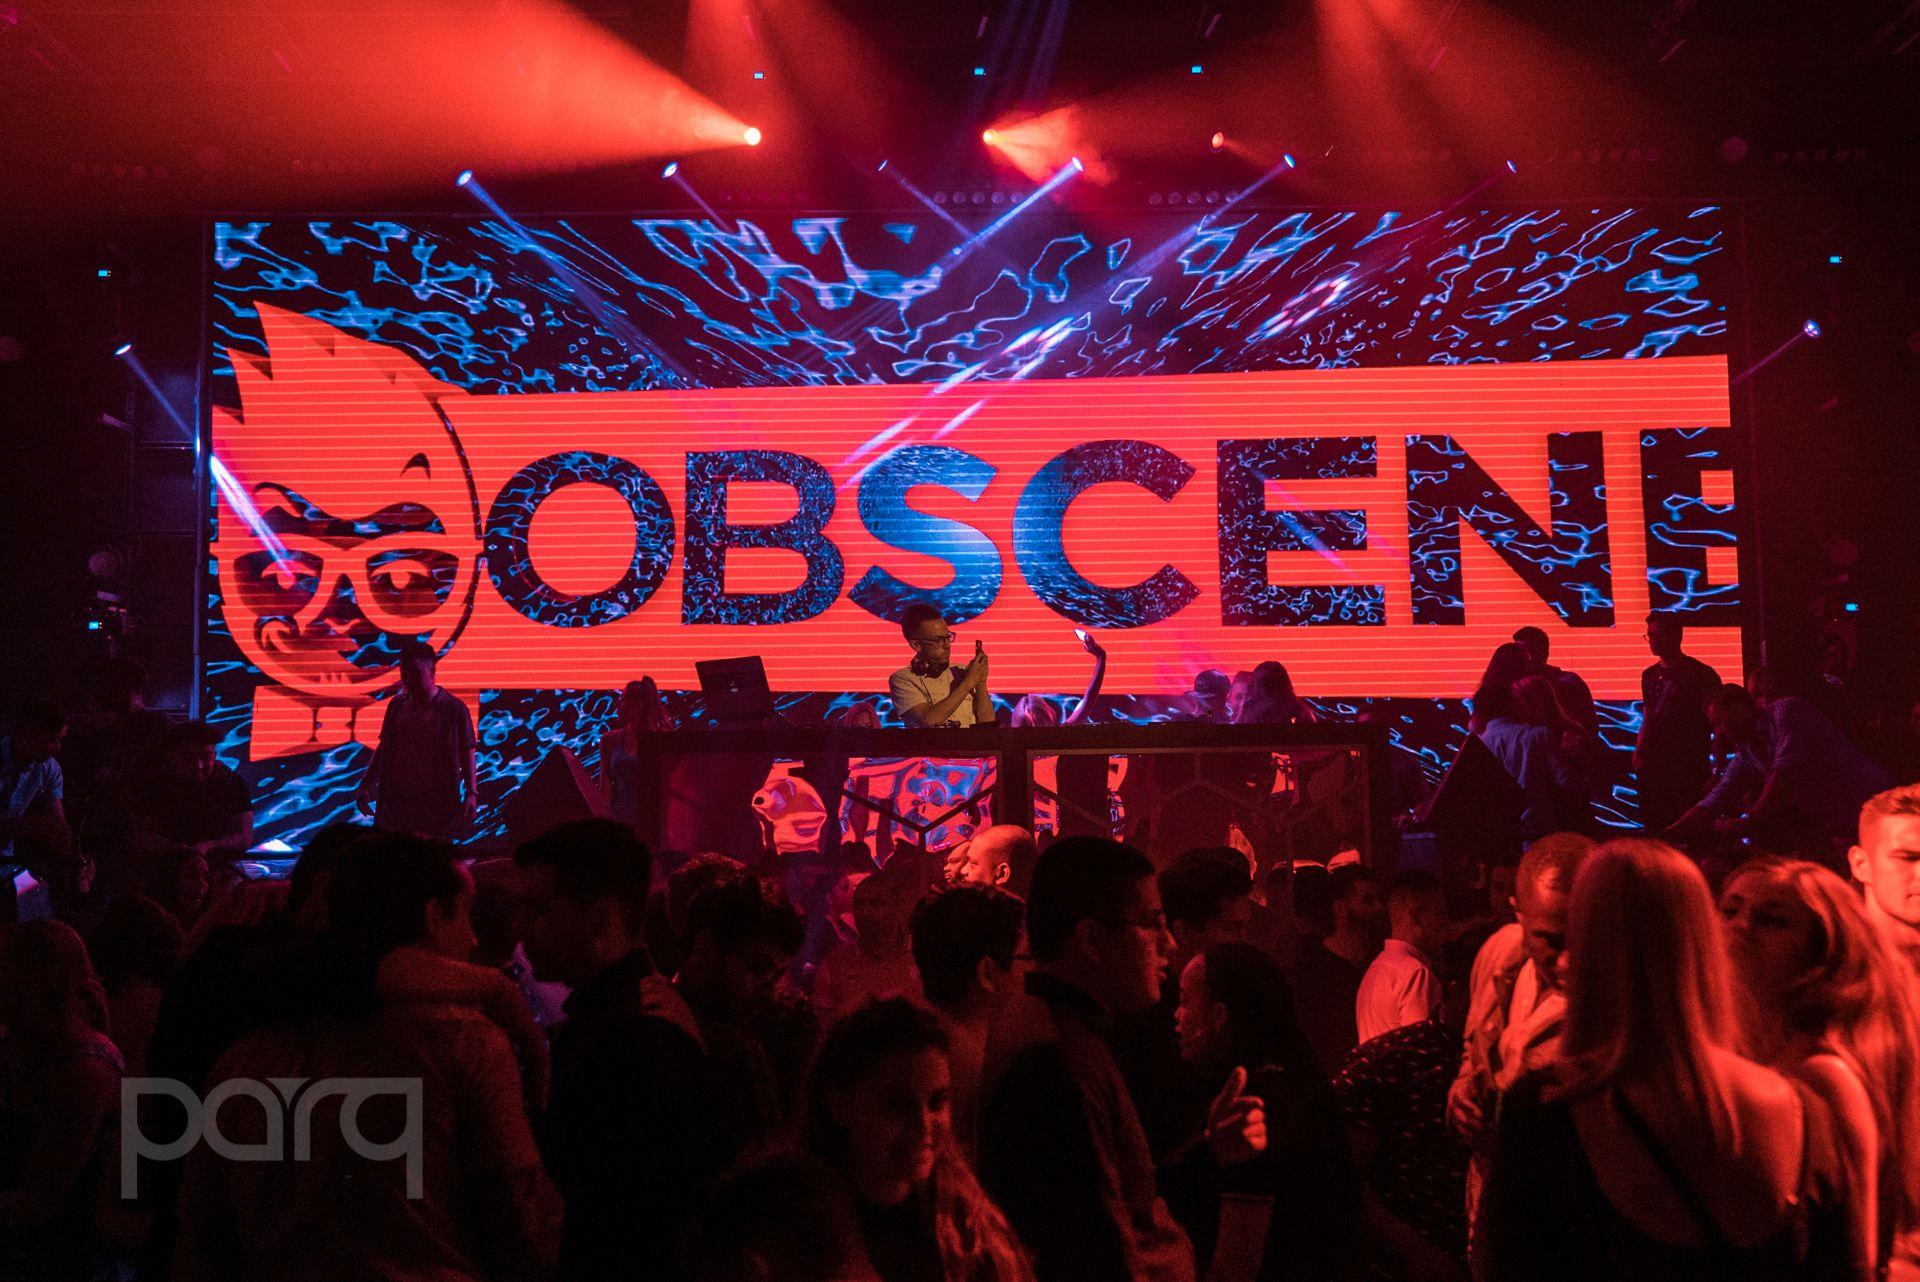 07.01.17 Obscene-1.jpg